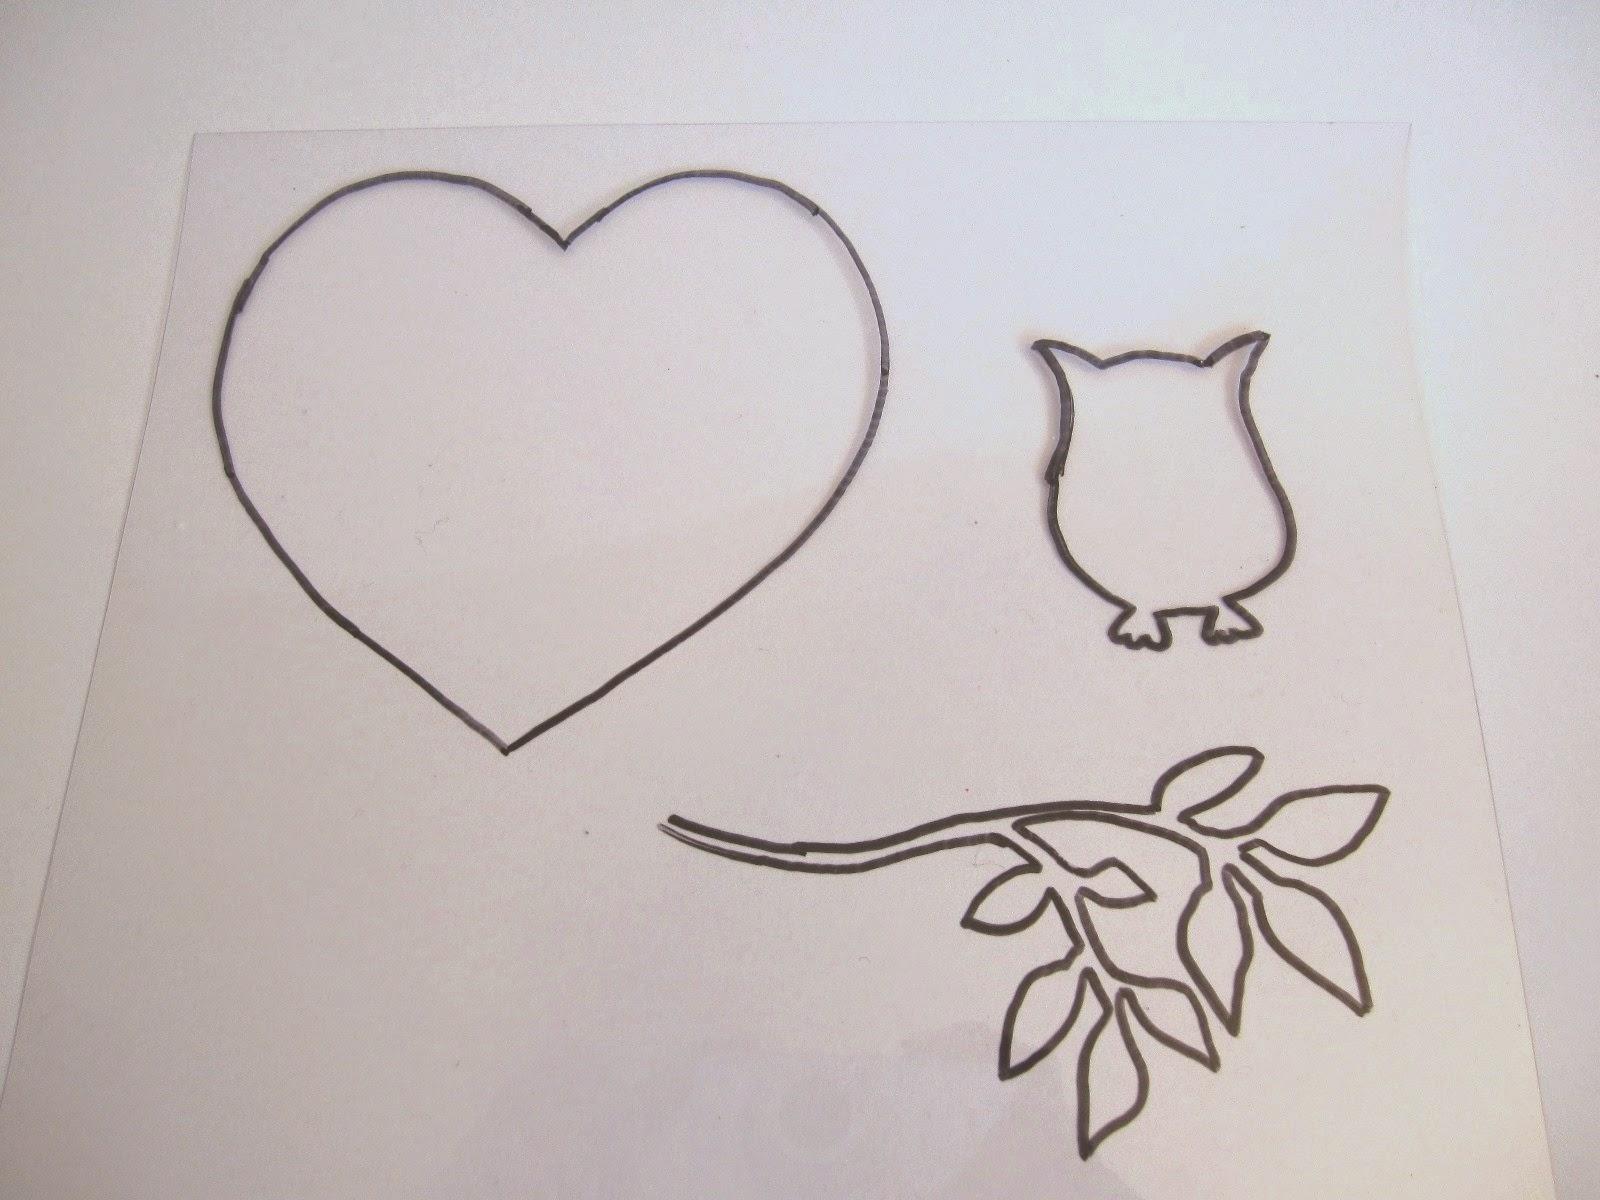 hoja de acetato transparente con dibujo de corazón, búho y rama